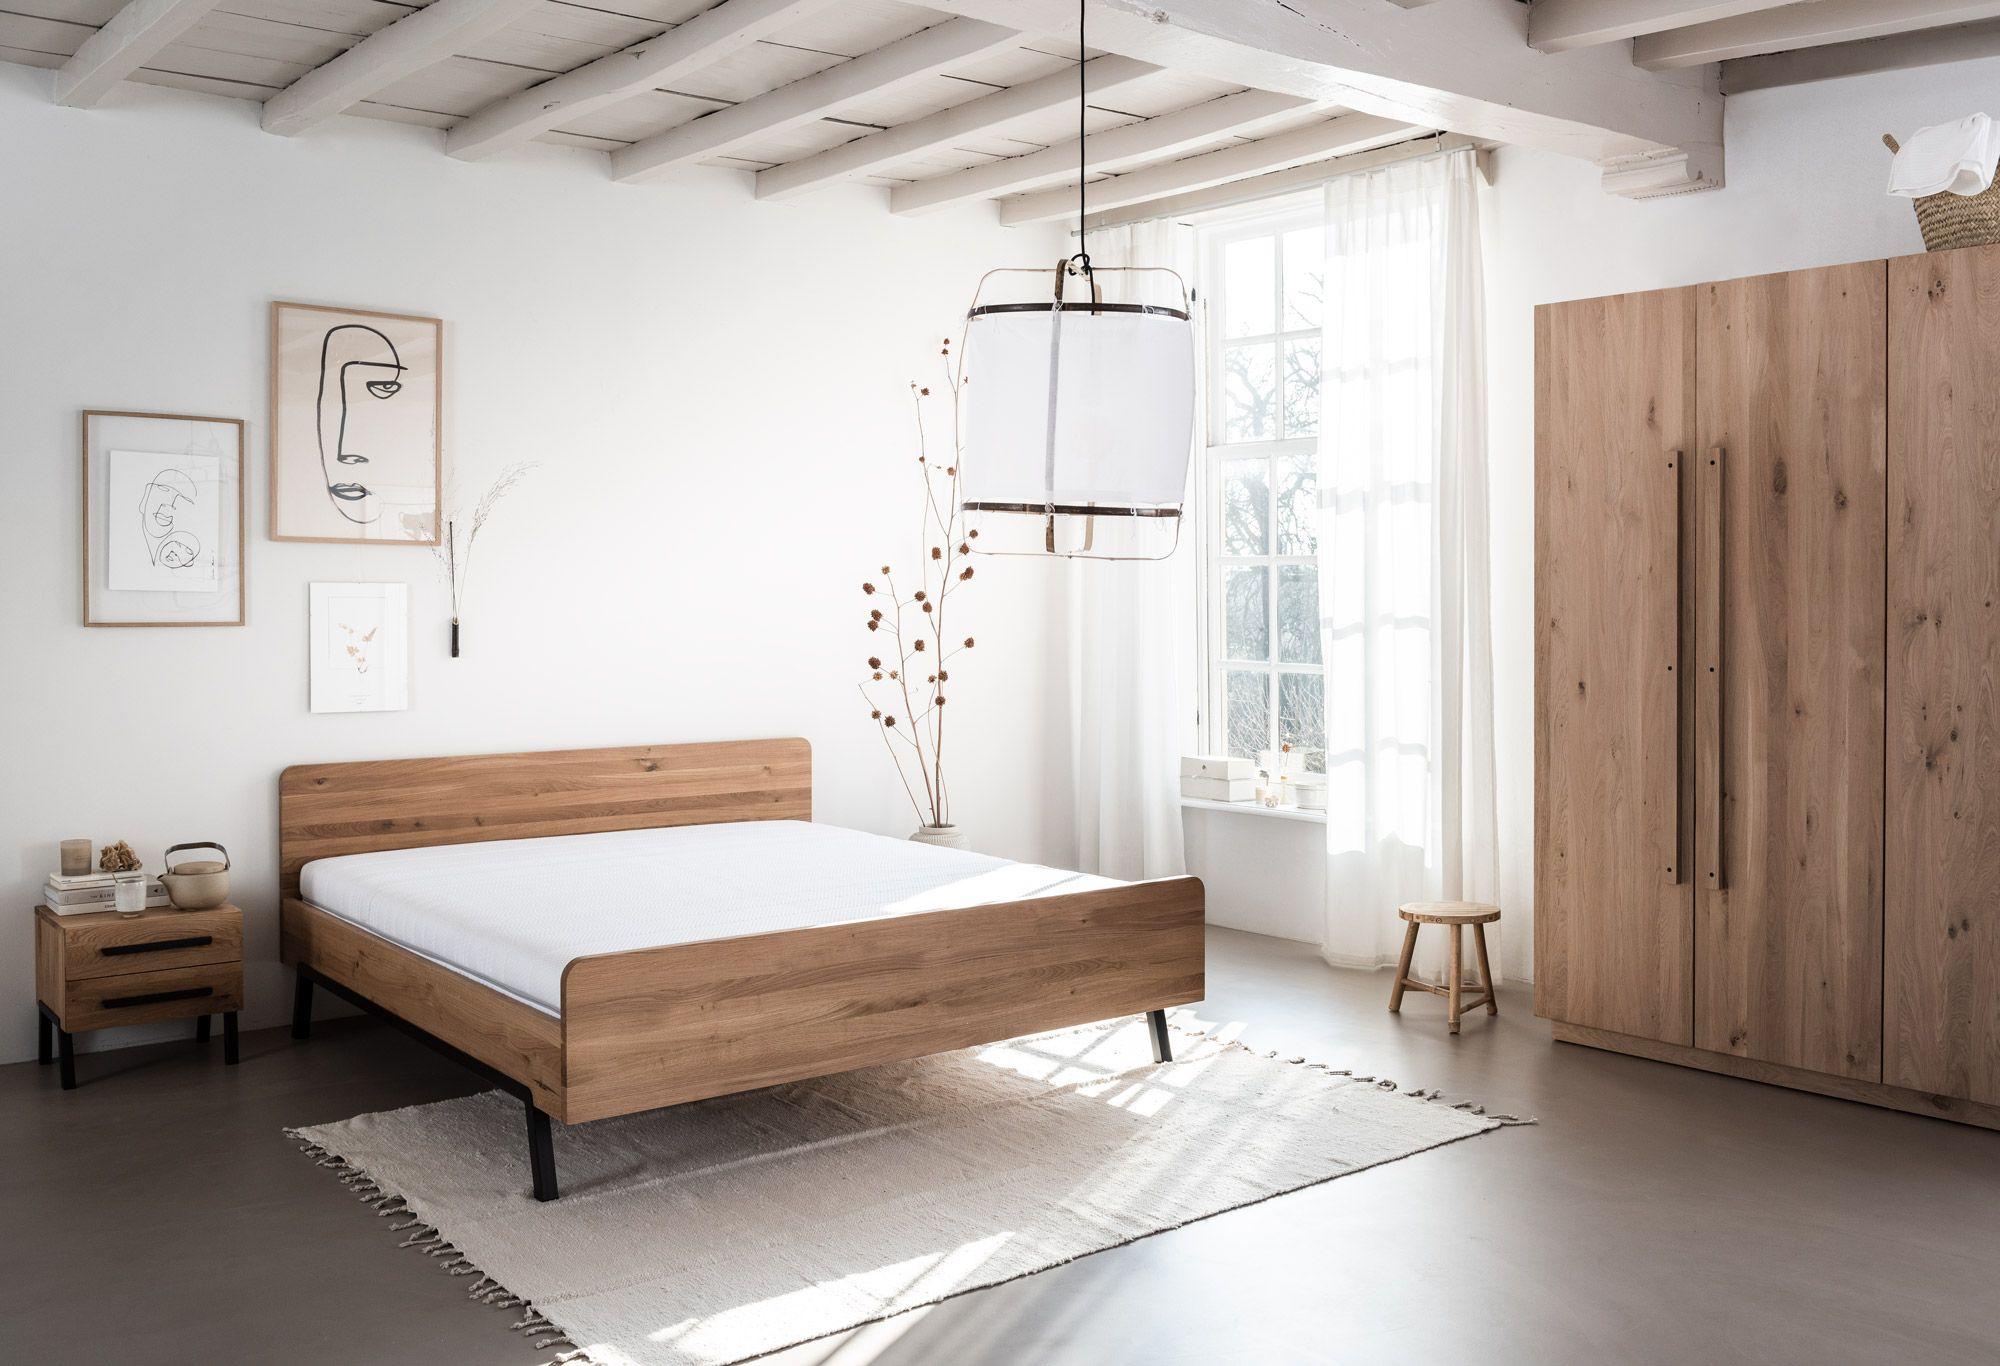 Bedframe Balance Pure Lattenbodems, Slaapkamer interieur